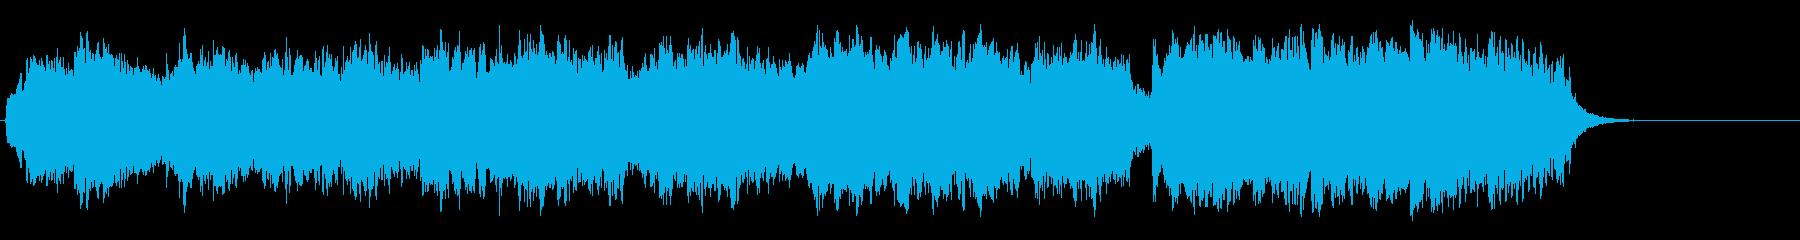 健やかでやわらかなポップバラードの再生済みの波形